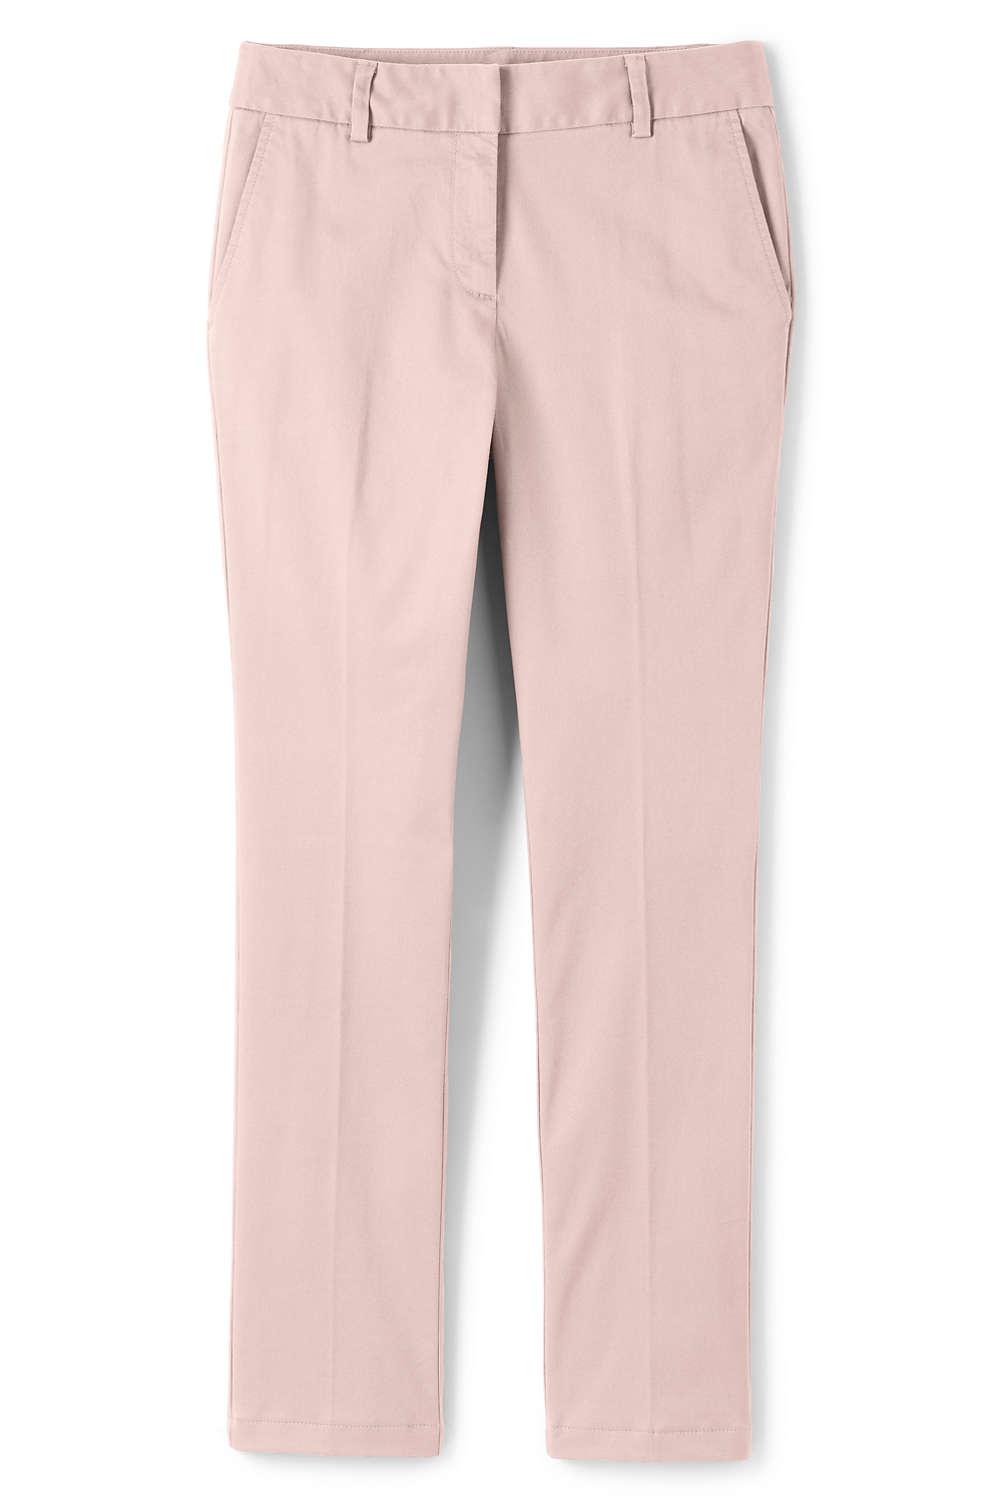 5e634746350f77 Womens Plus Size Straight Leg Dress Pants   Saddha